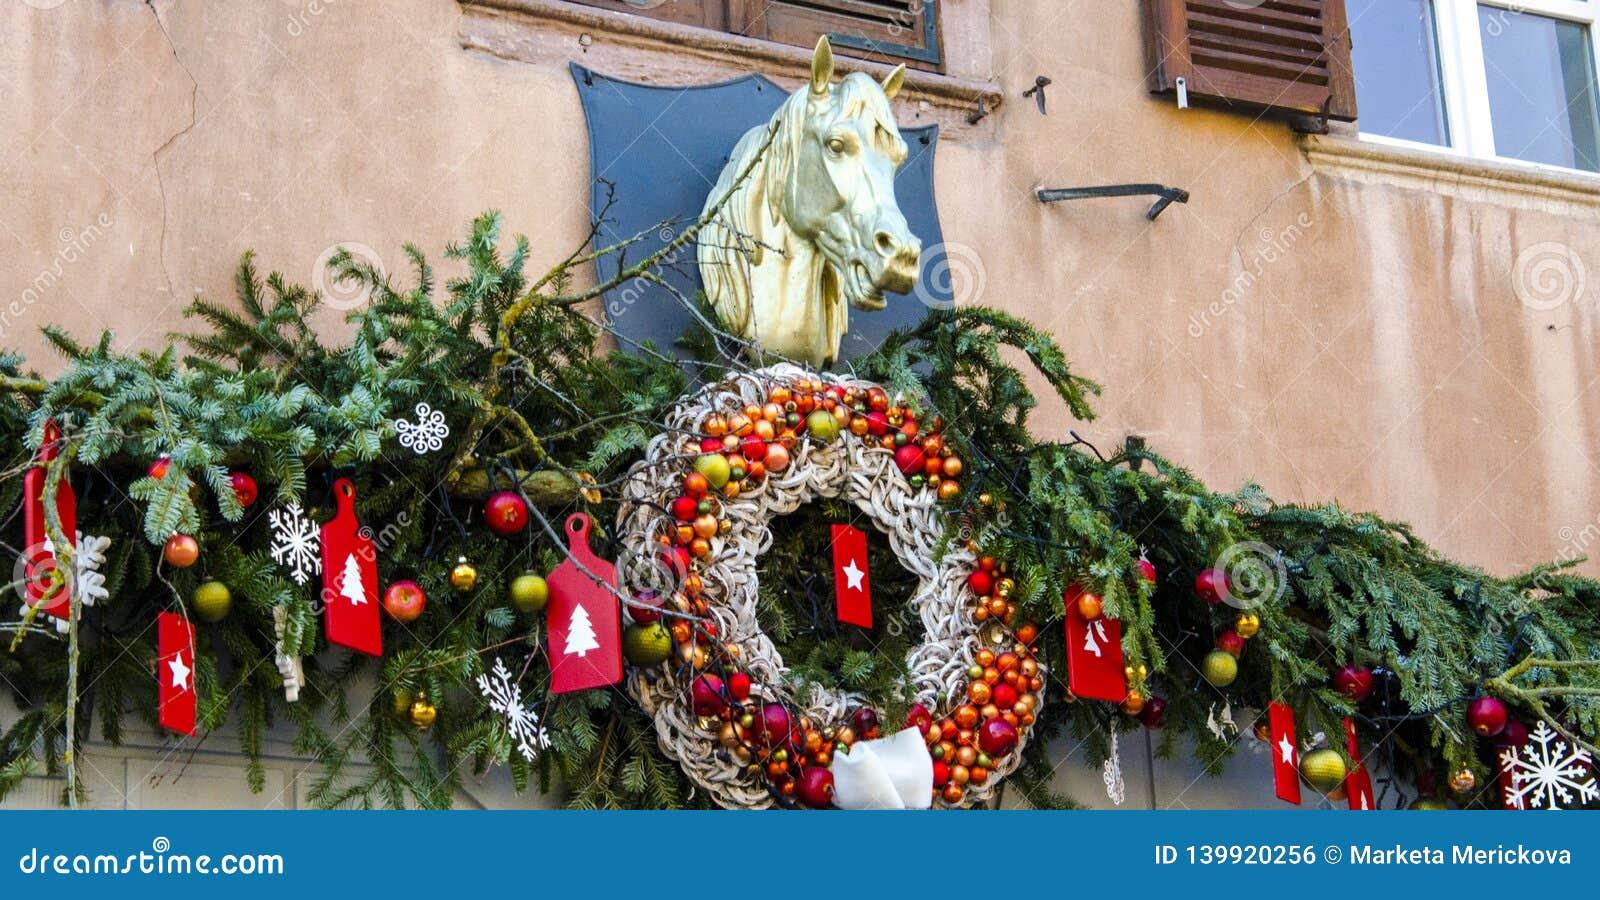 Венок и украшения рождества на фасаде со скульптурой лошади